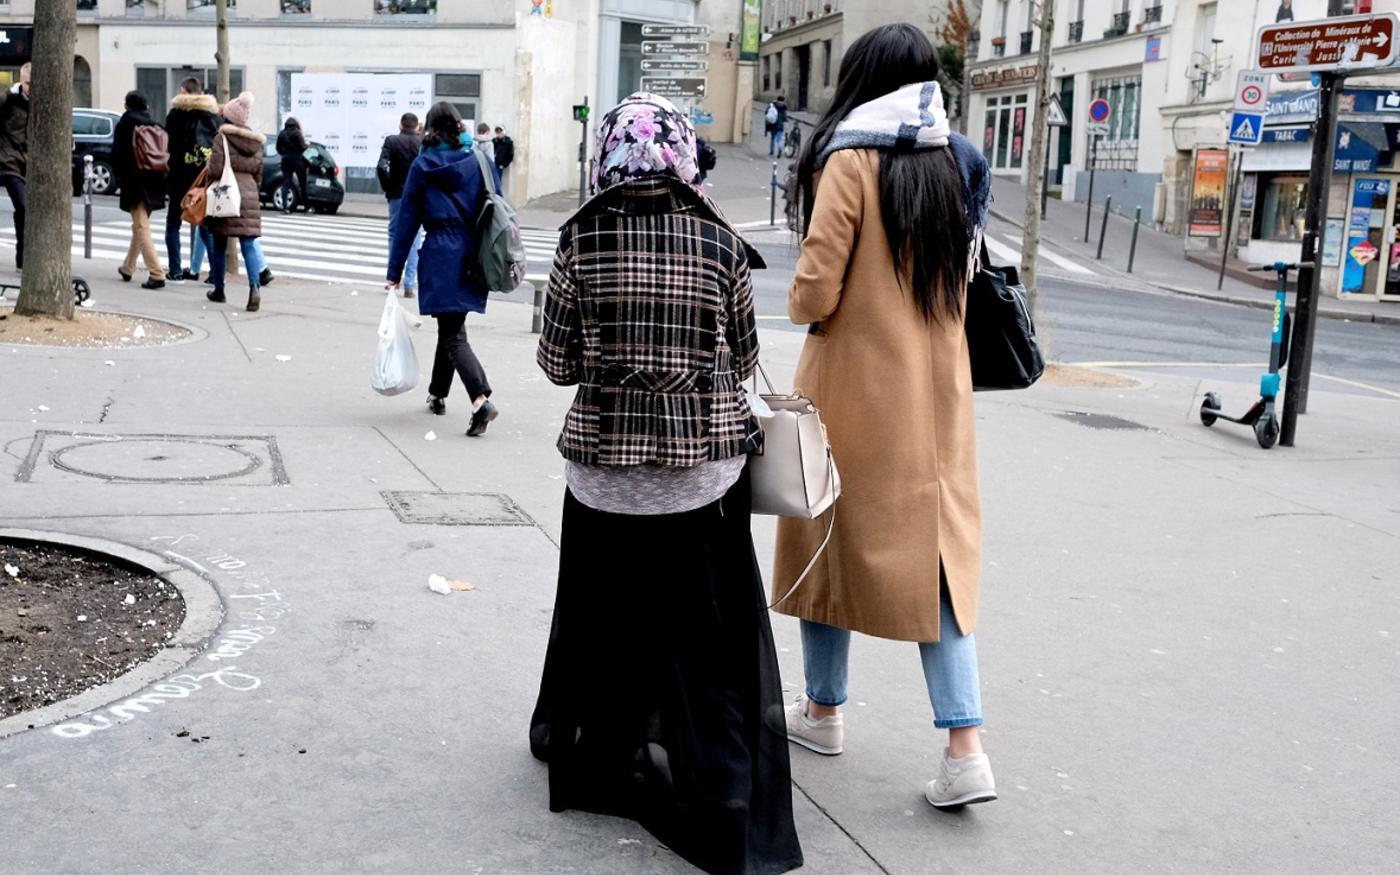 Ces femmes « aspirent à un anonymat esthétique dans la rue », note Hanane Karimi (MEE/Nadja Makhlouf)